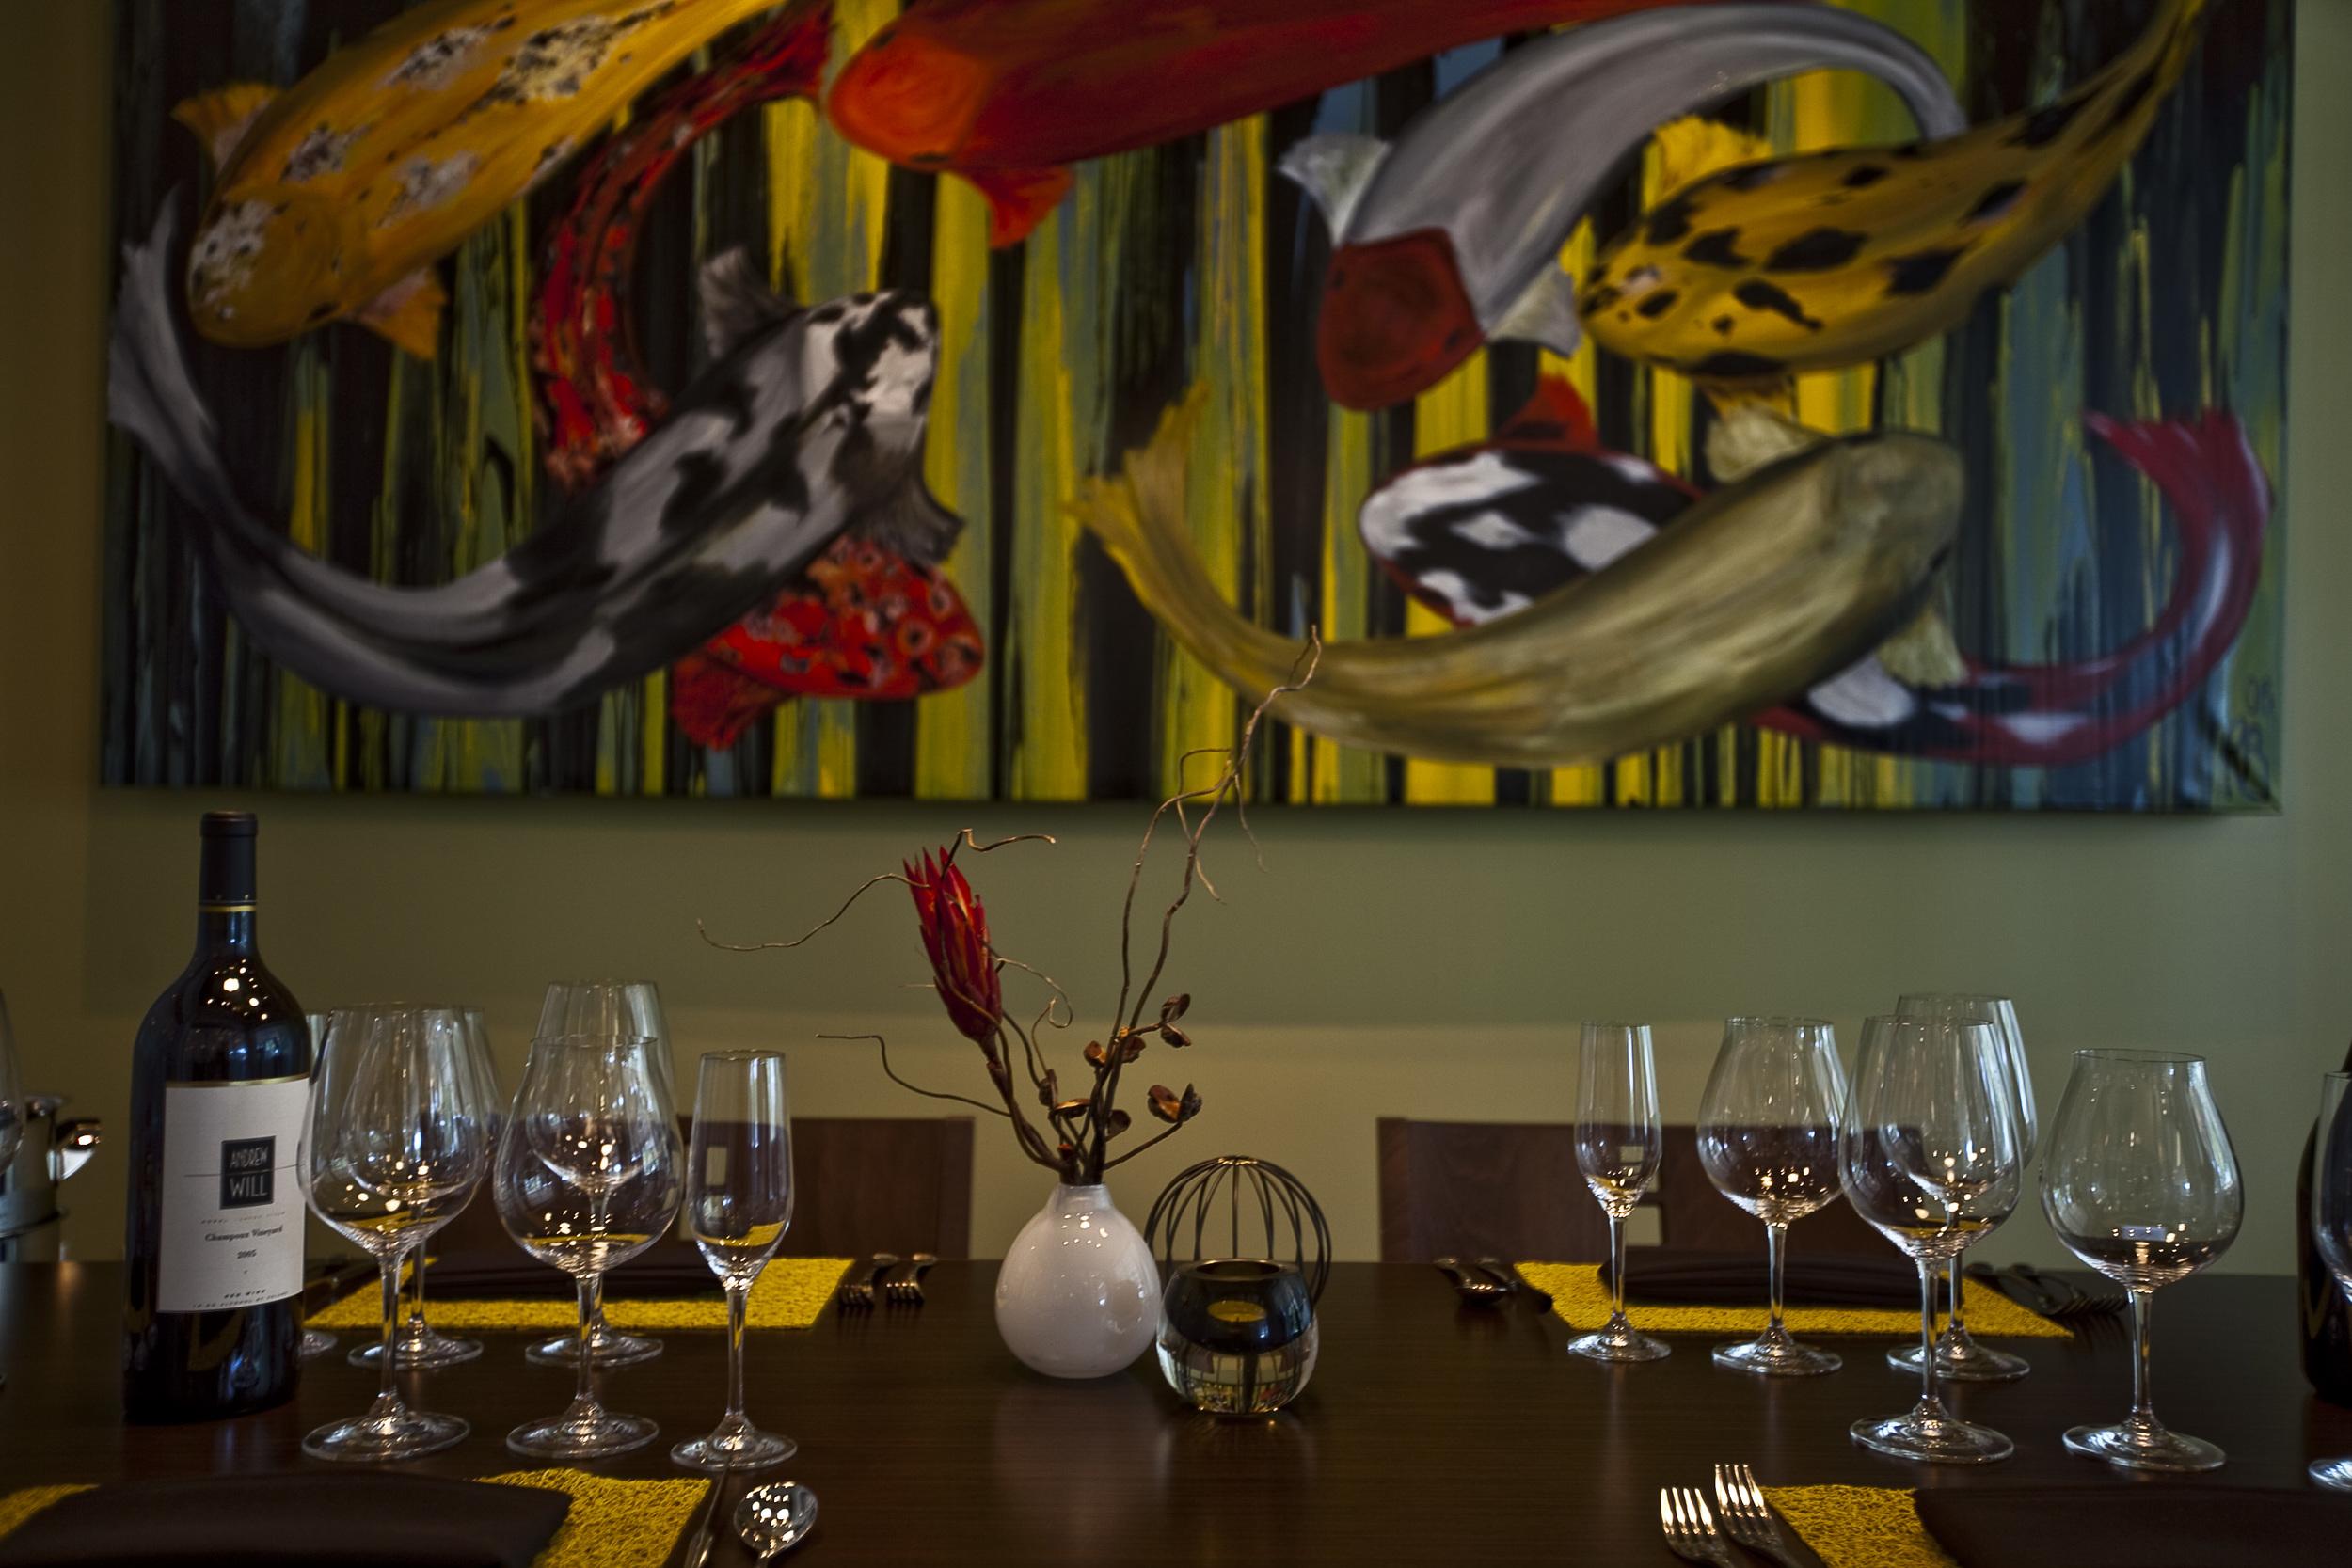 h5o_wine_setting.jpg